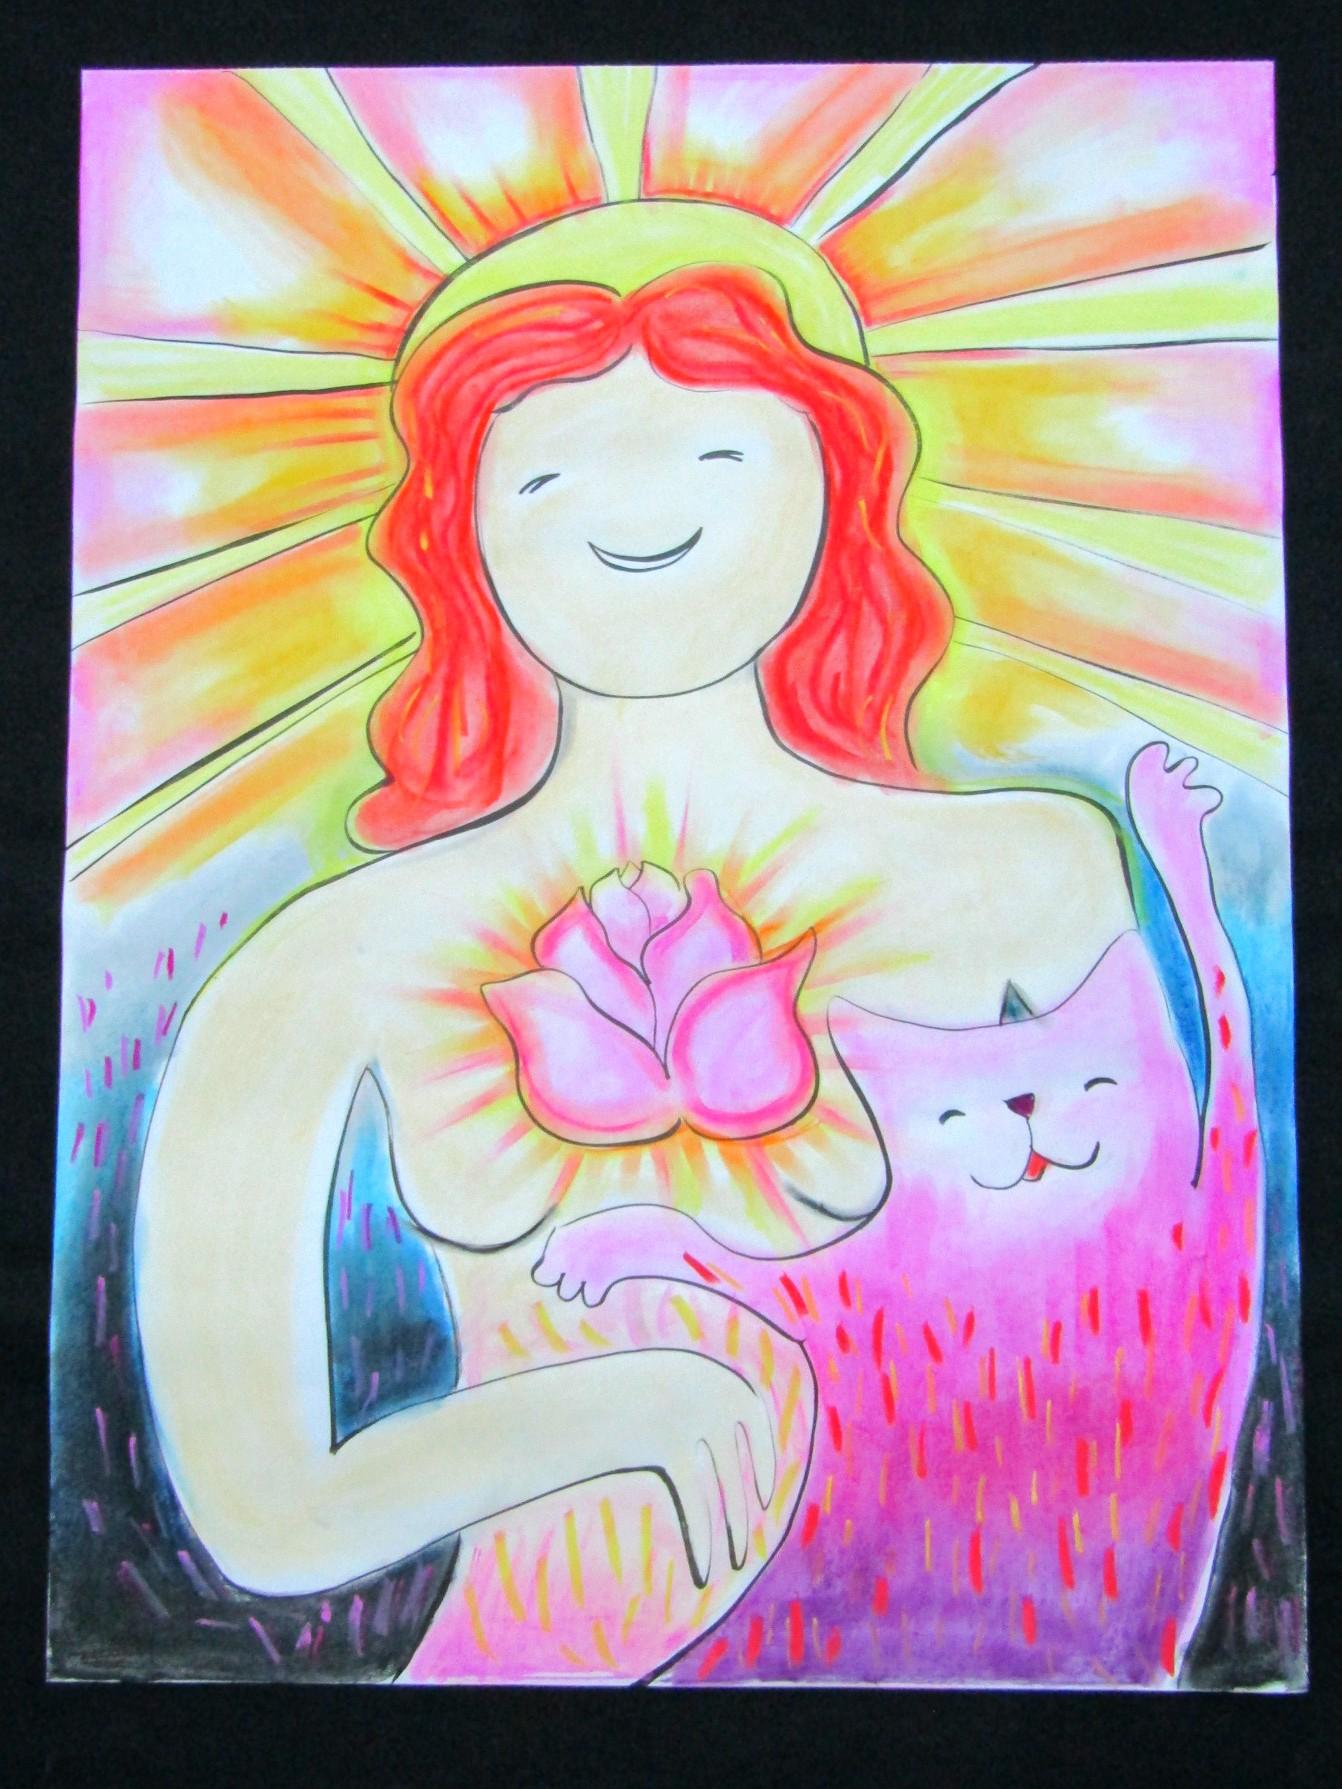 На рисунке изображена женская фигура. У нее рыжие волосы по плечи. Позади её головы сияющее солнце. Она улыбается. Кажетс